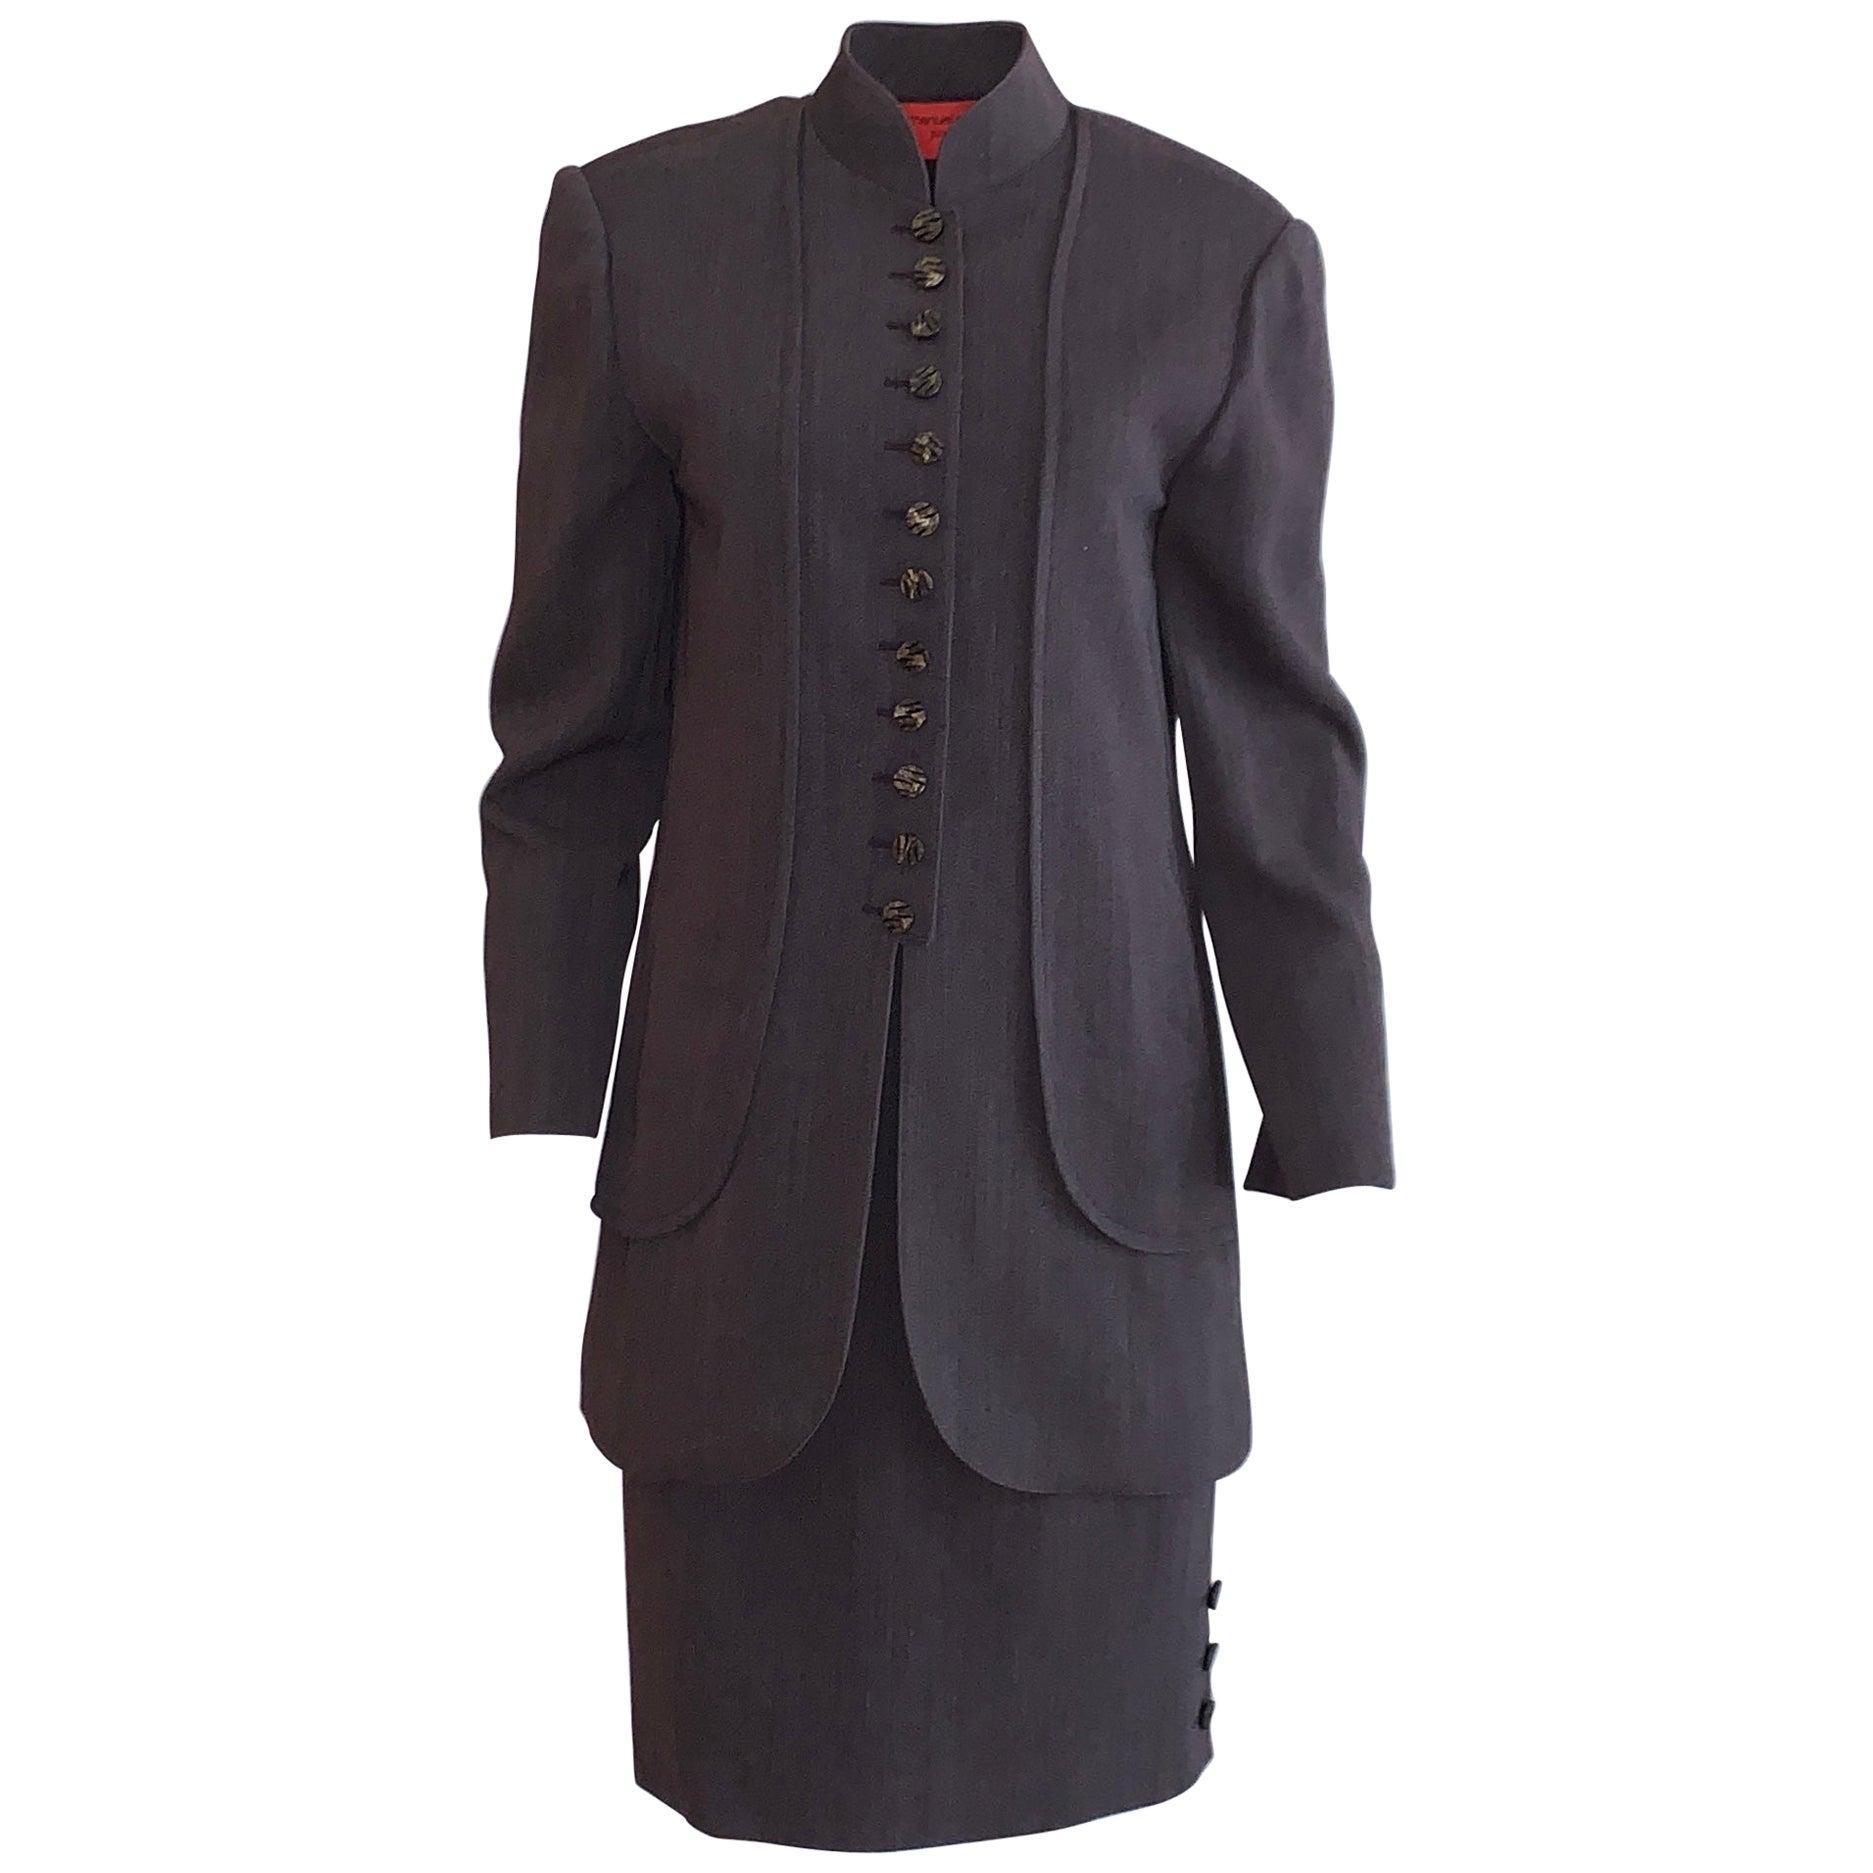 Emanuel Ungaro 1990s Brown Grey Skirt Suit with Long Jacket